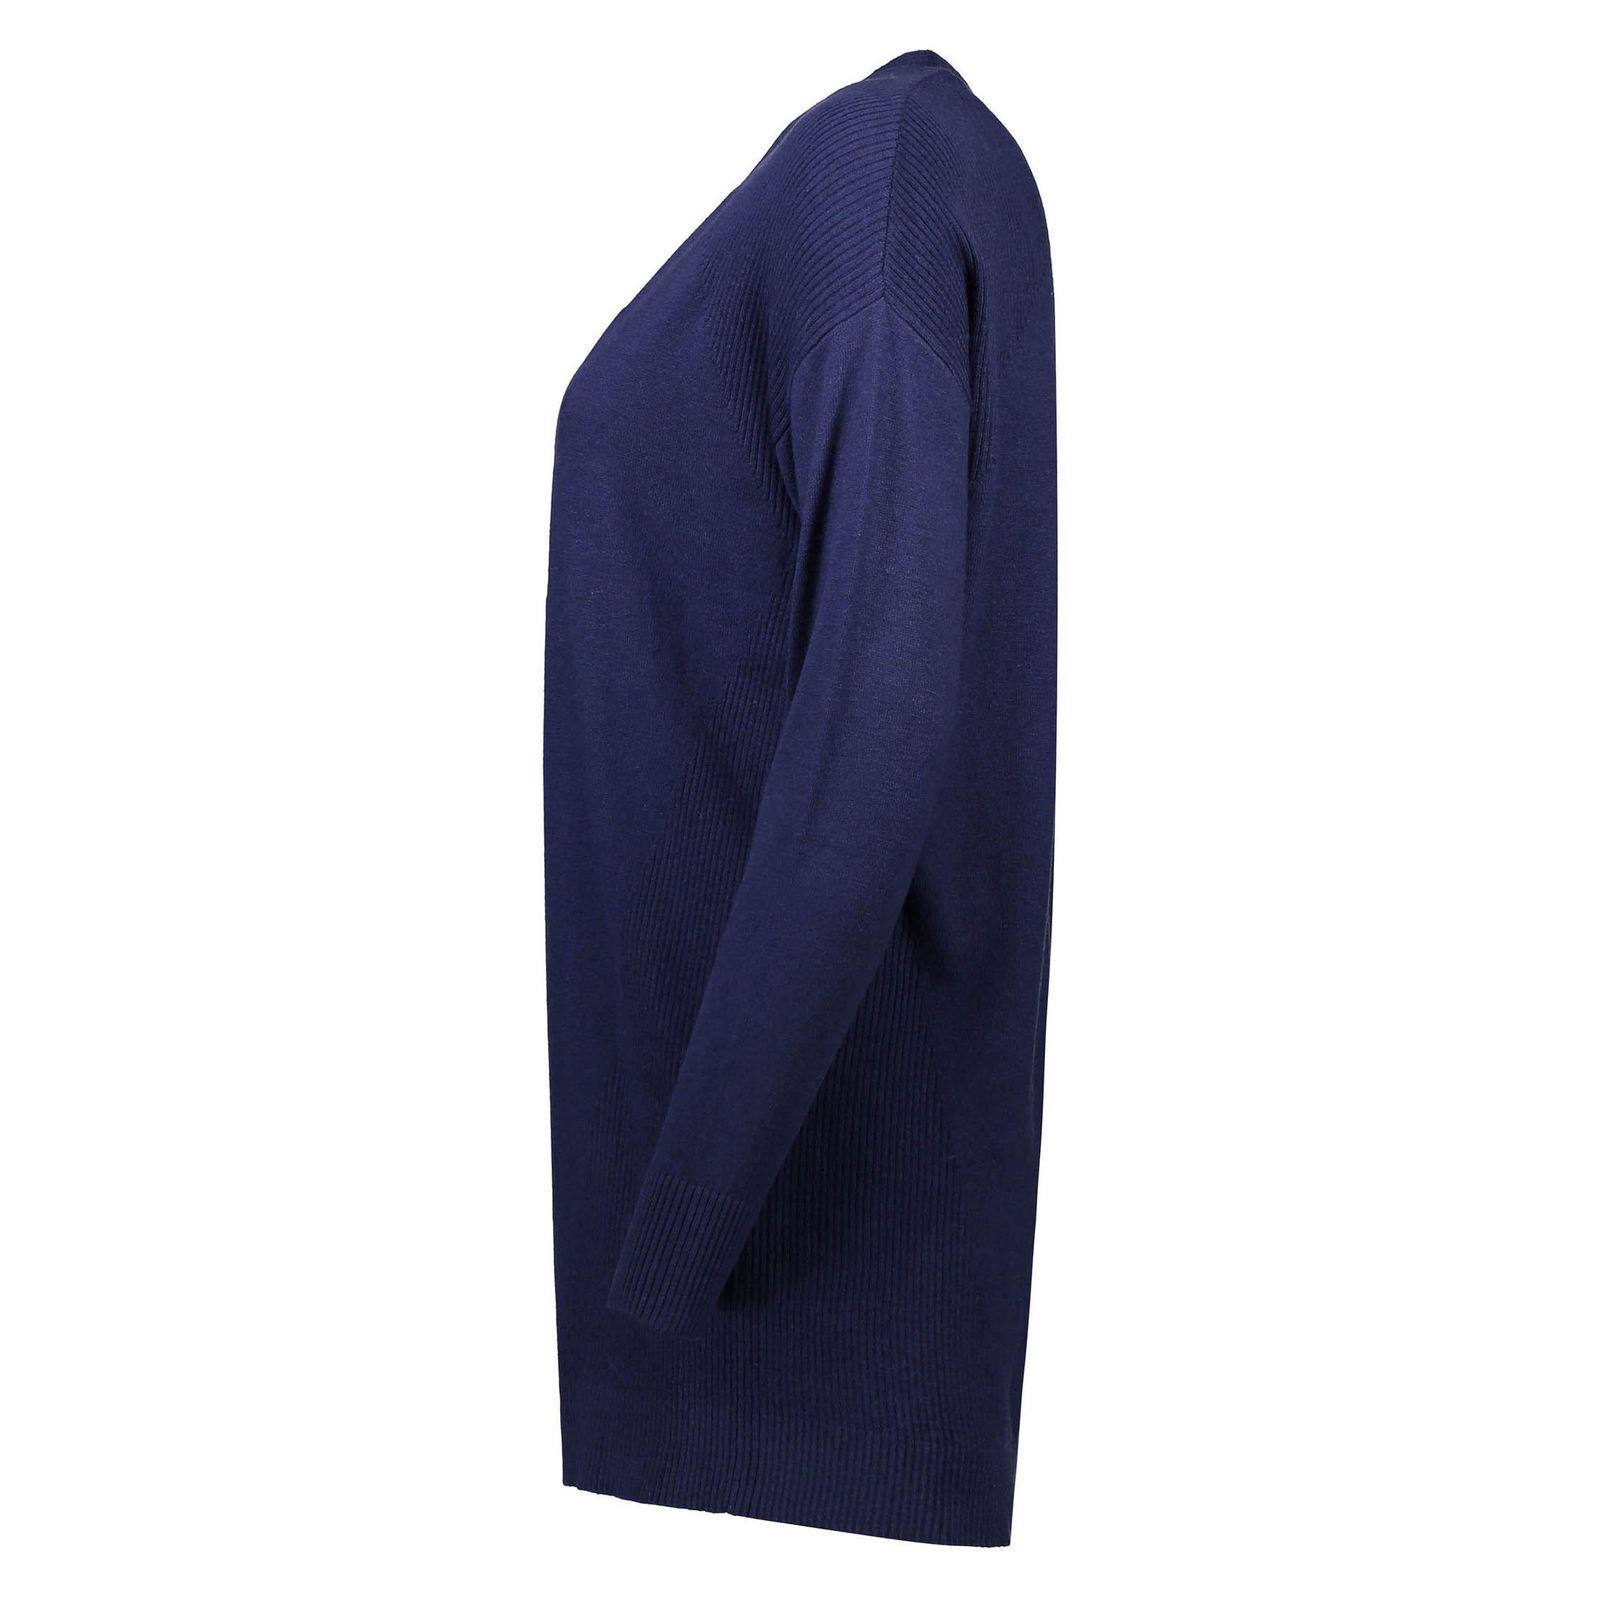 ژاکت بلند زنانه - رد هرینگ - سرمه اي - 4